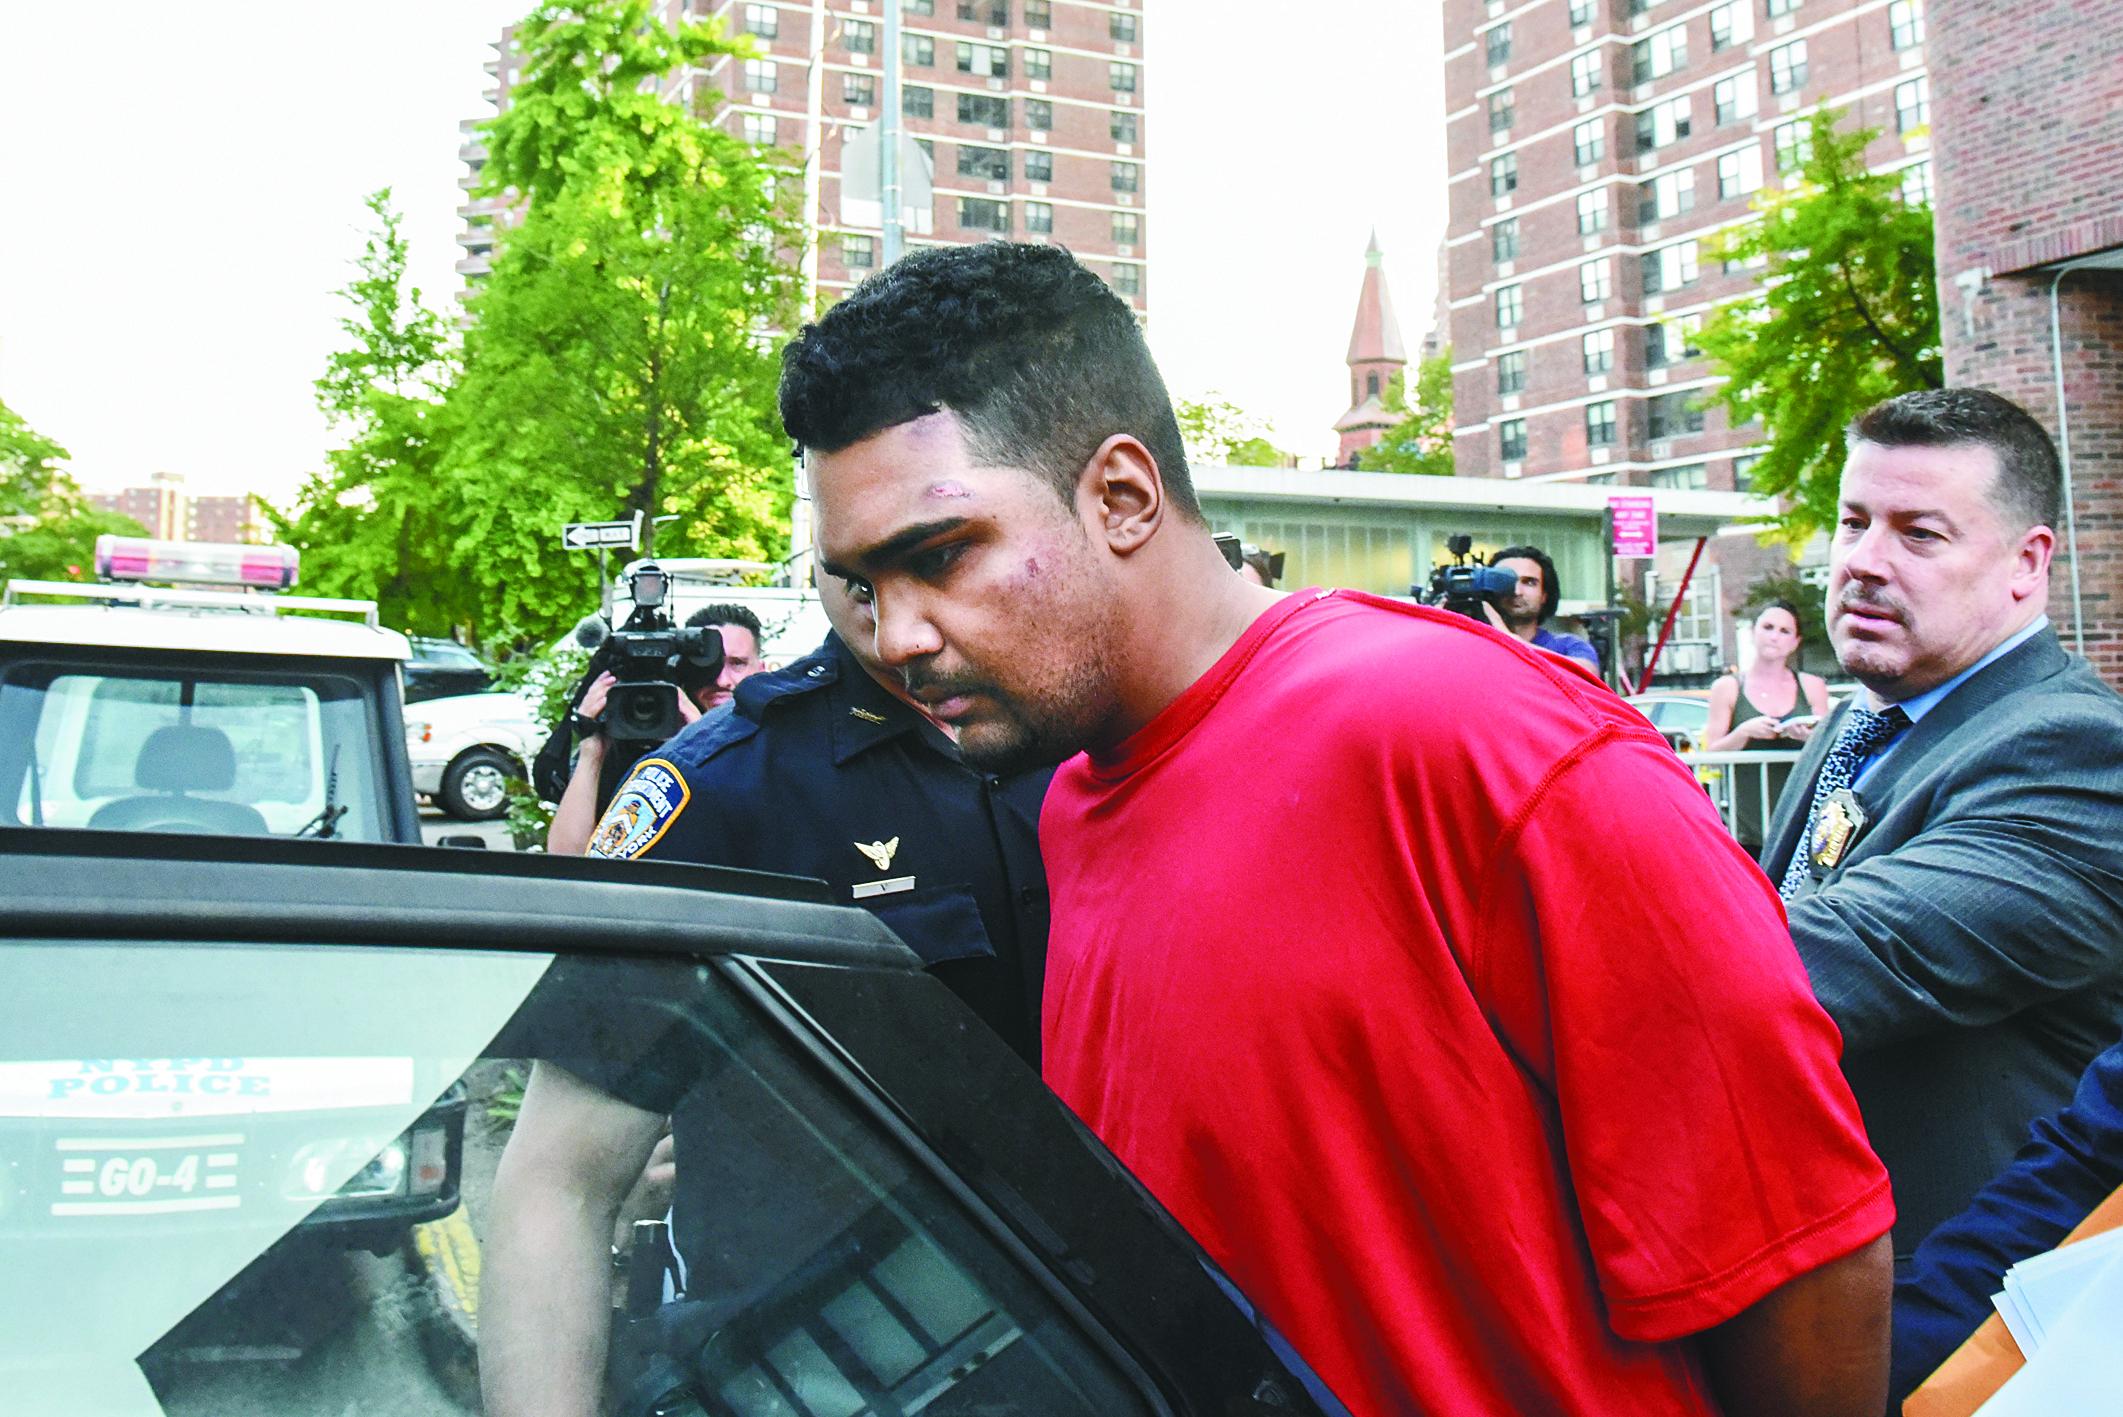 圖為嫌犯Rojas在盤問後帶出警局移送檢方。(路透)